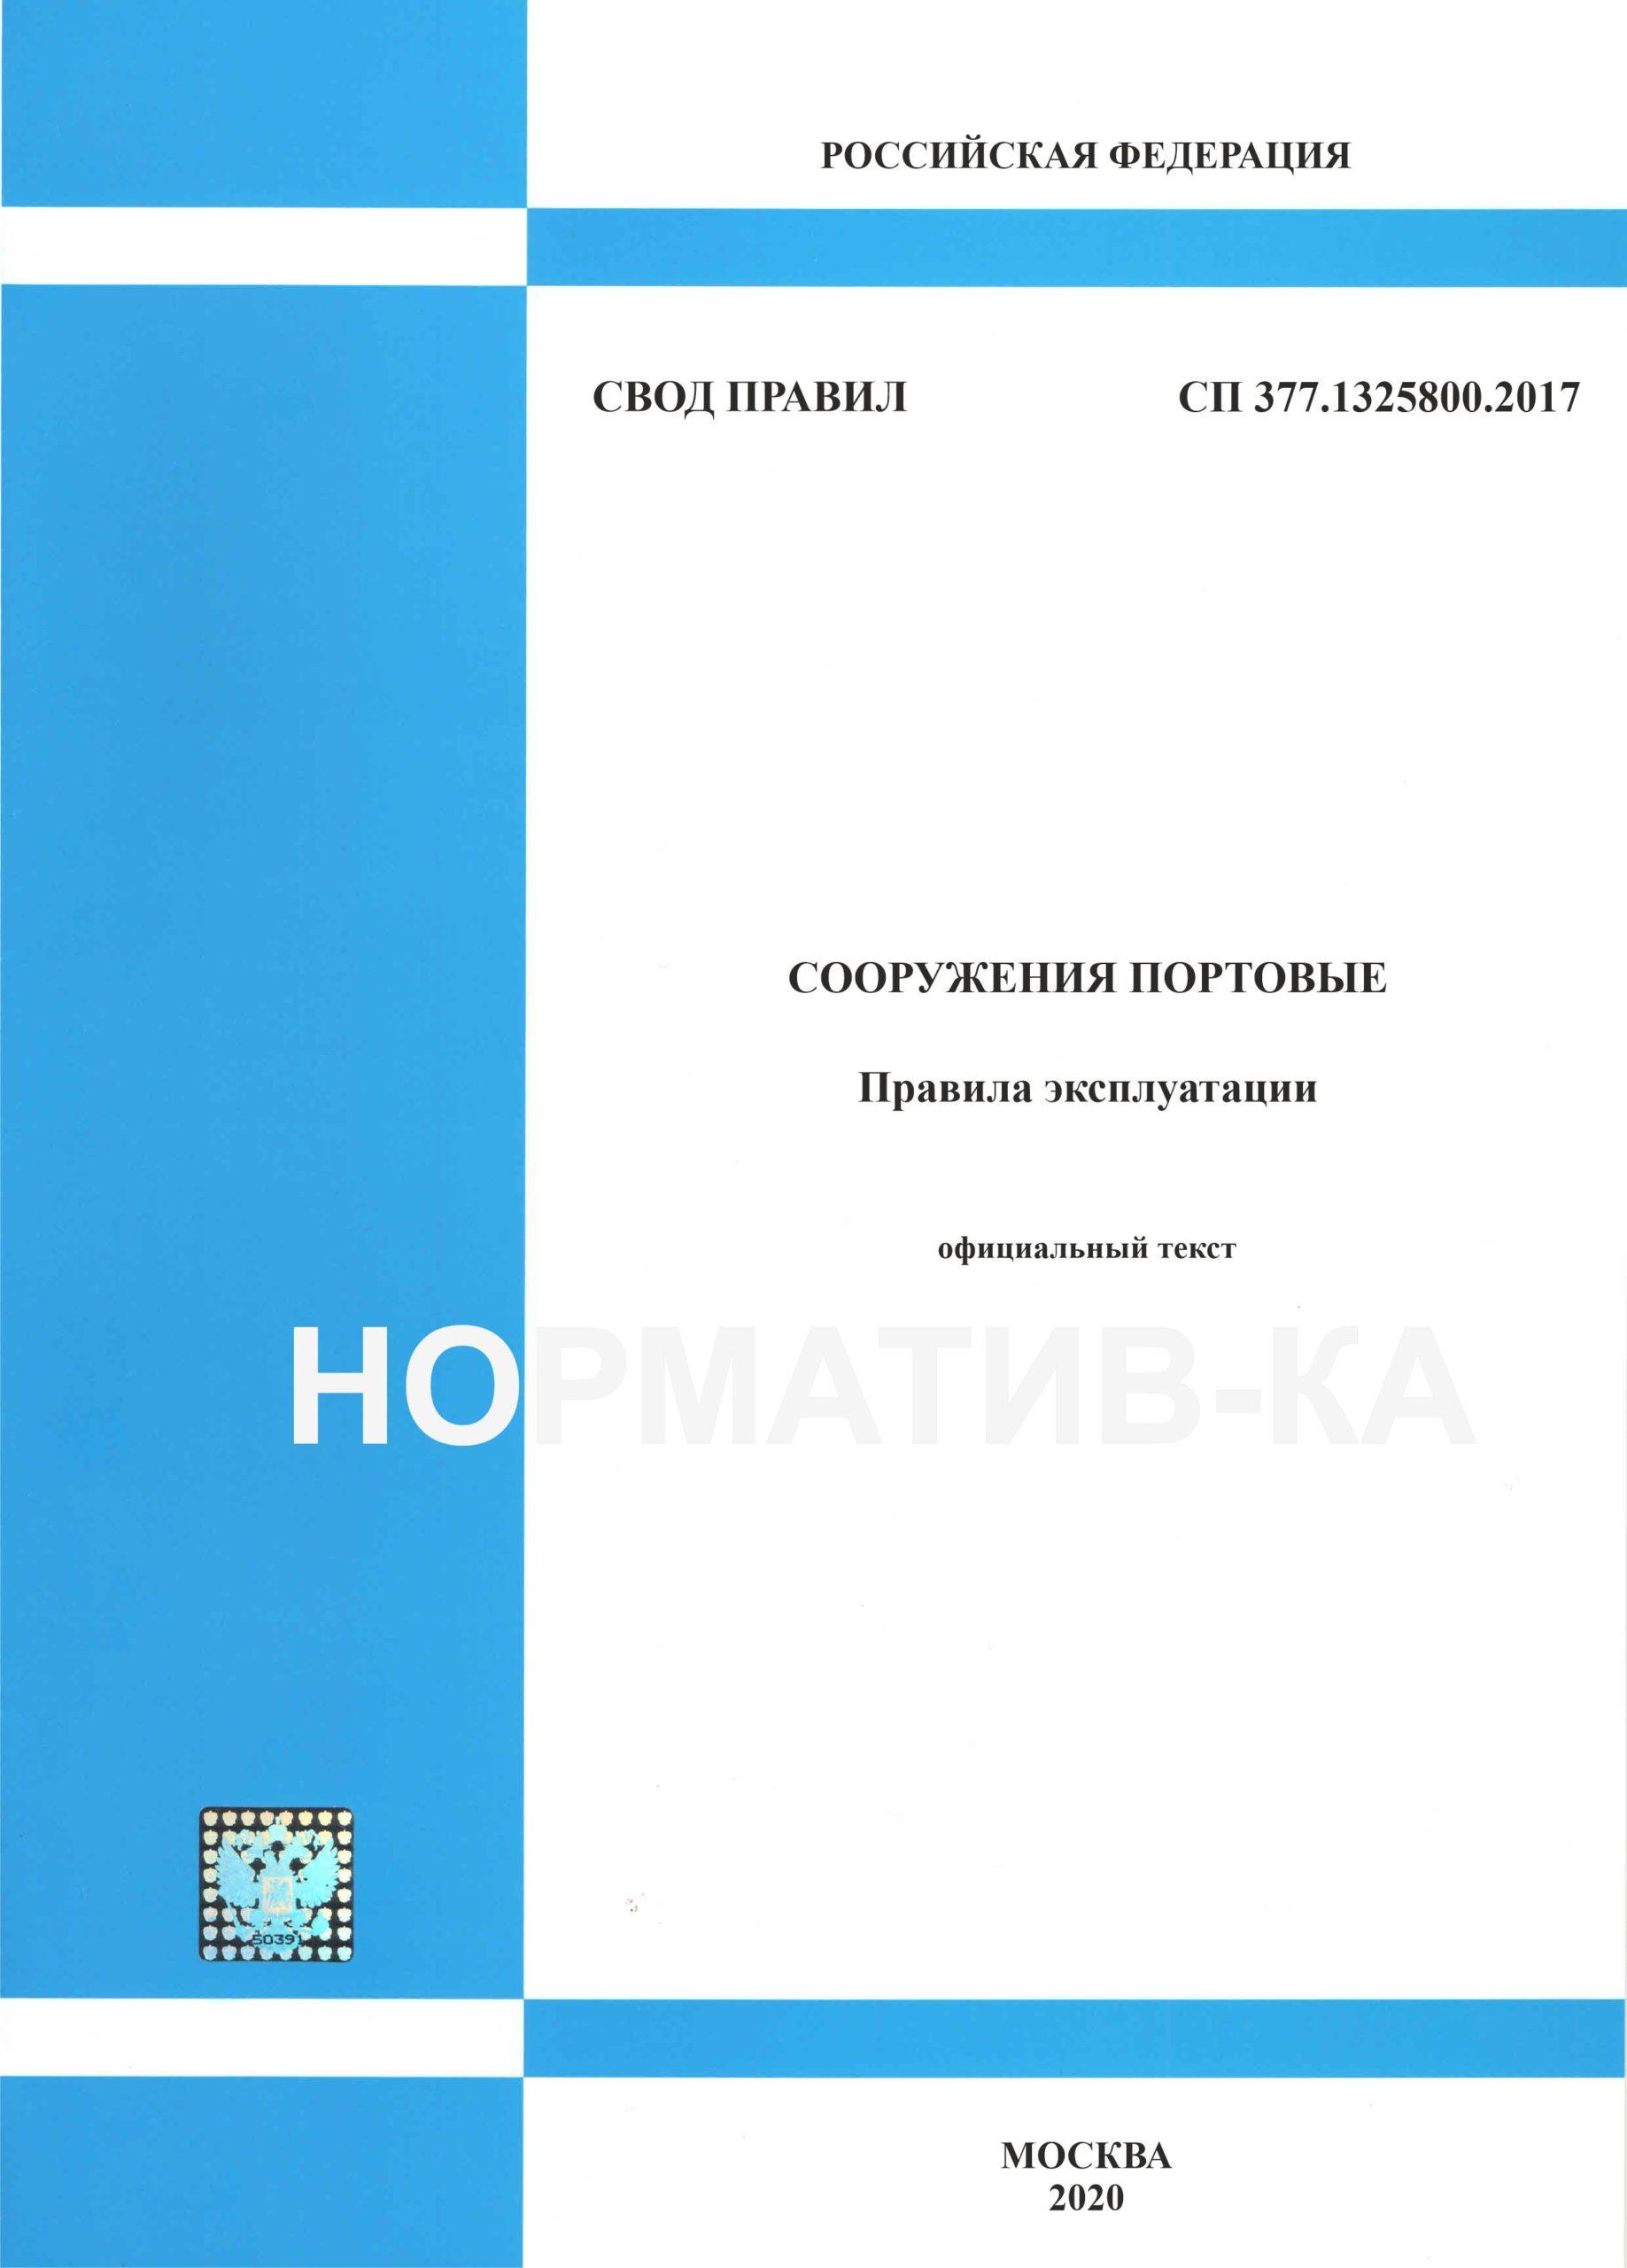 СП 377.1325800.2017